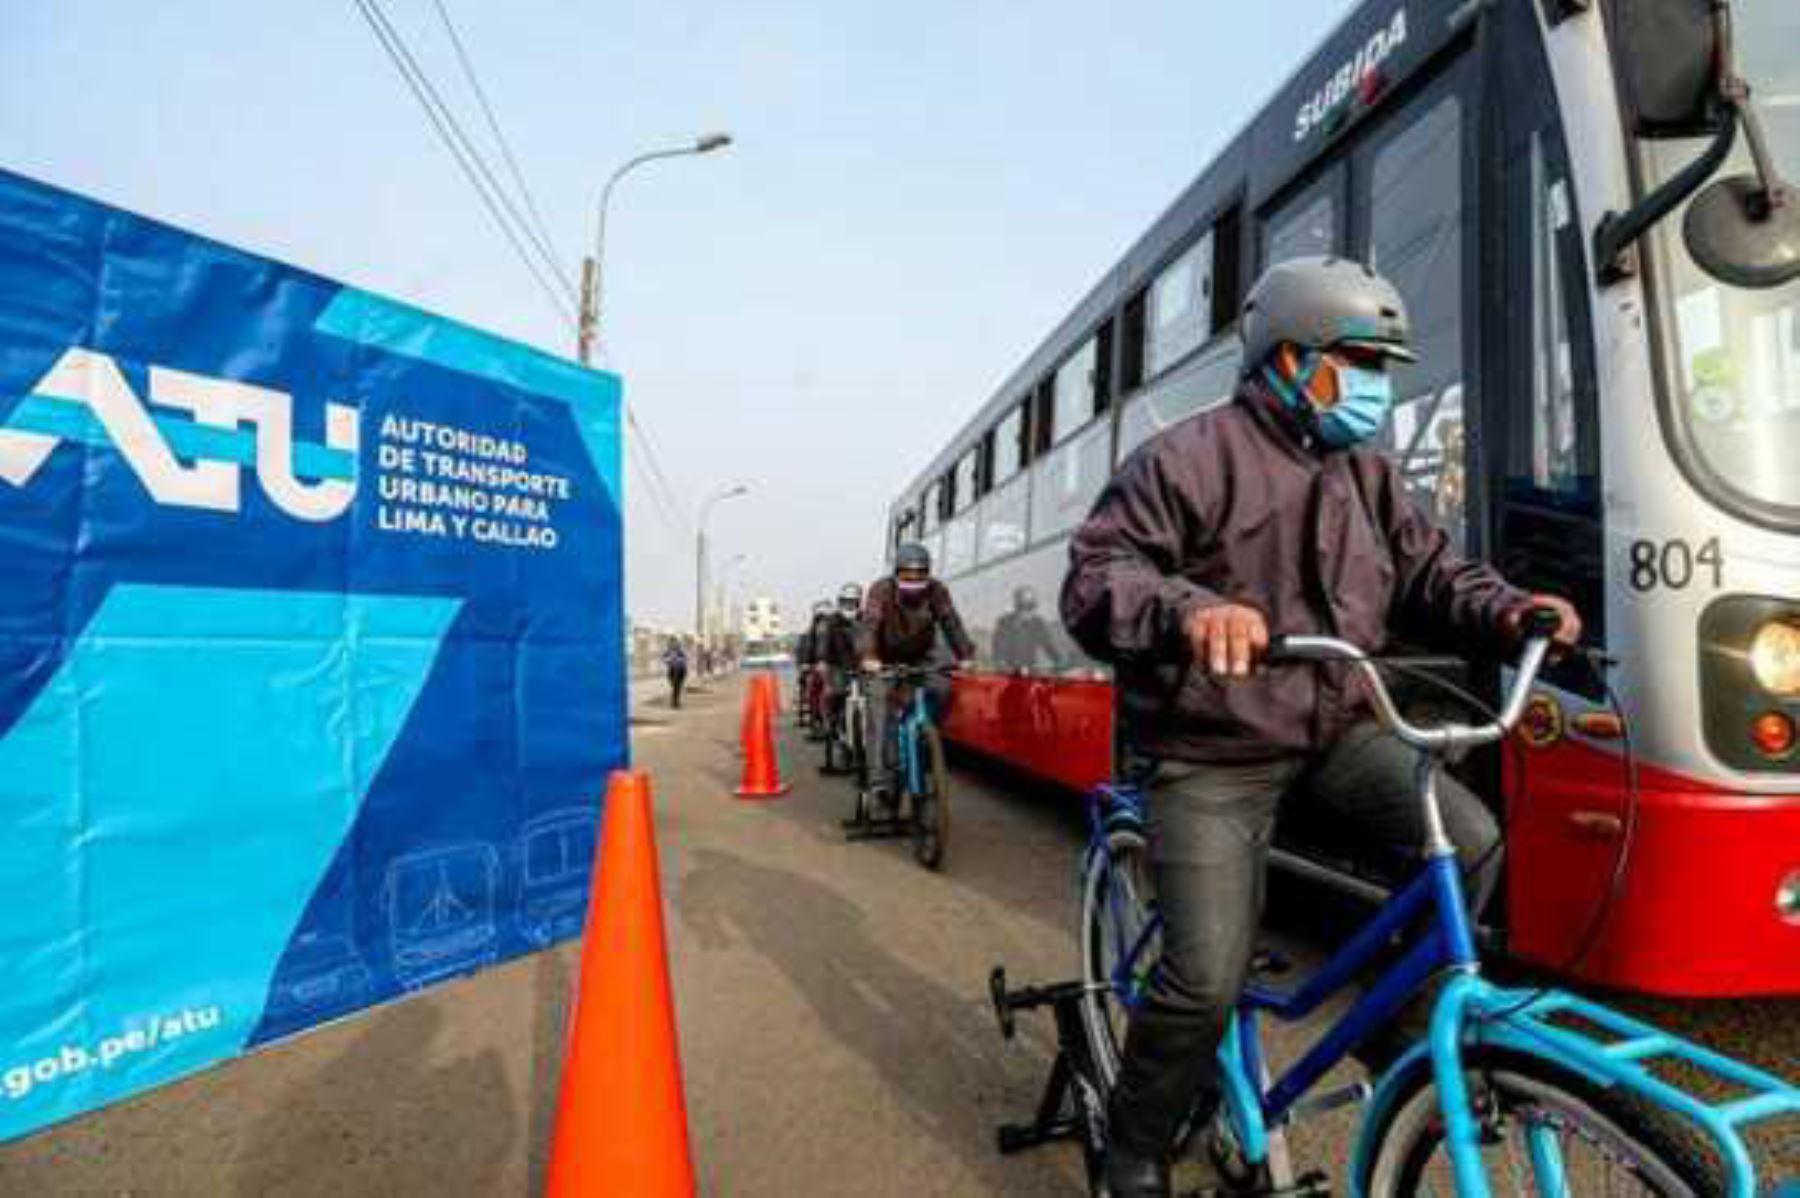 Los ciclistas y vehículos menores también deben mantener la distancia, para evitar los puntos ciegos que impiden a los choferes de los vehículos grandes ubicarlos a través del espejo. ANDINA/ ATU